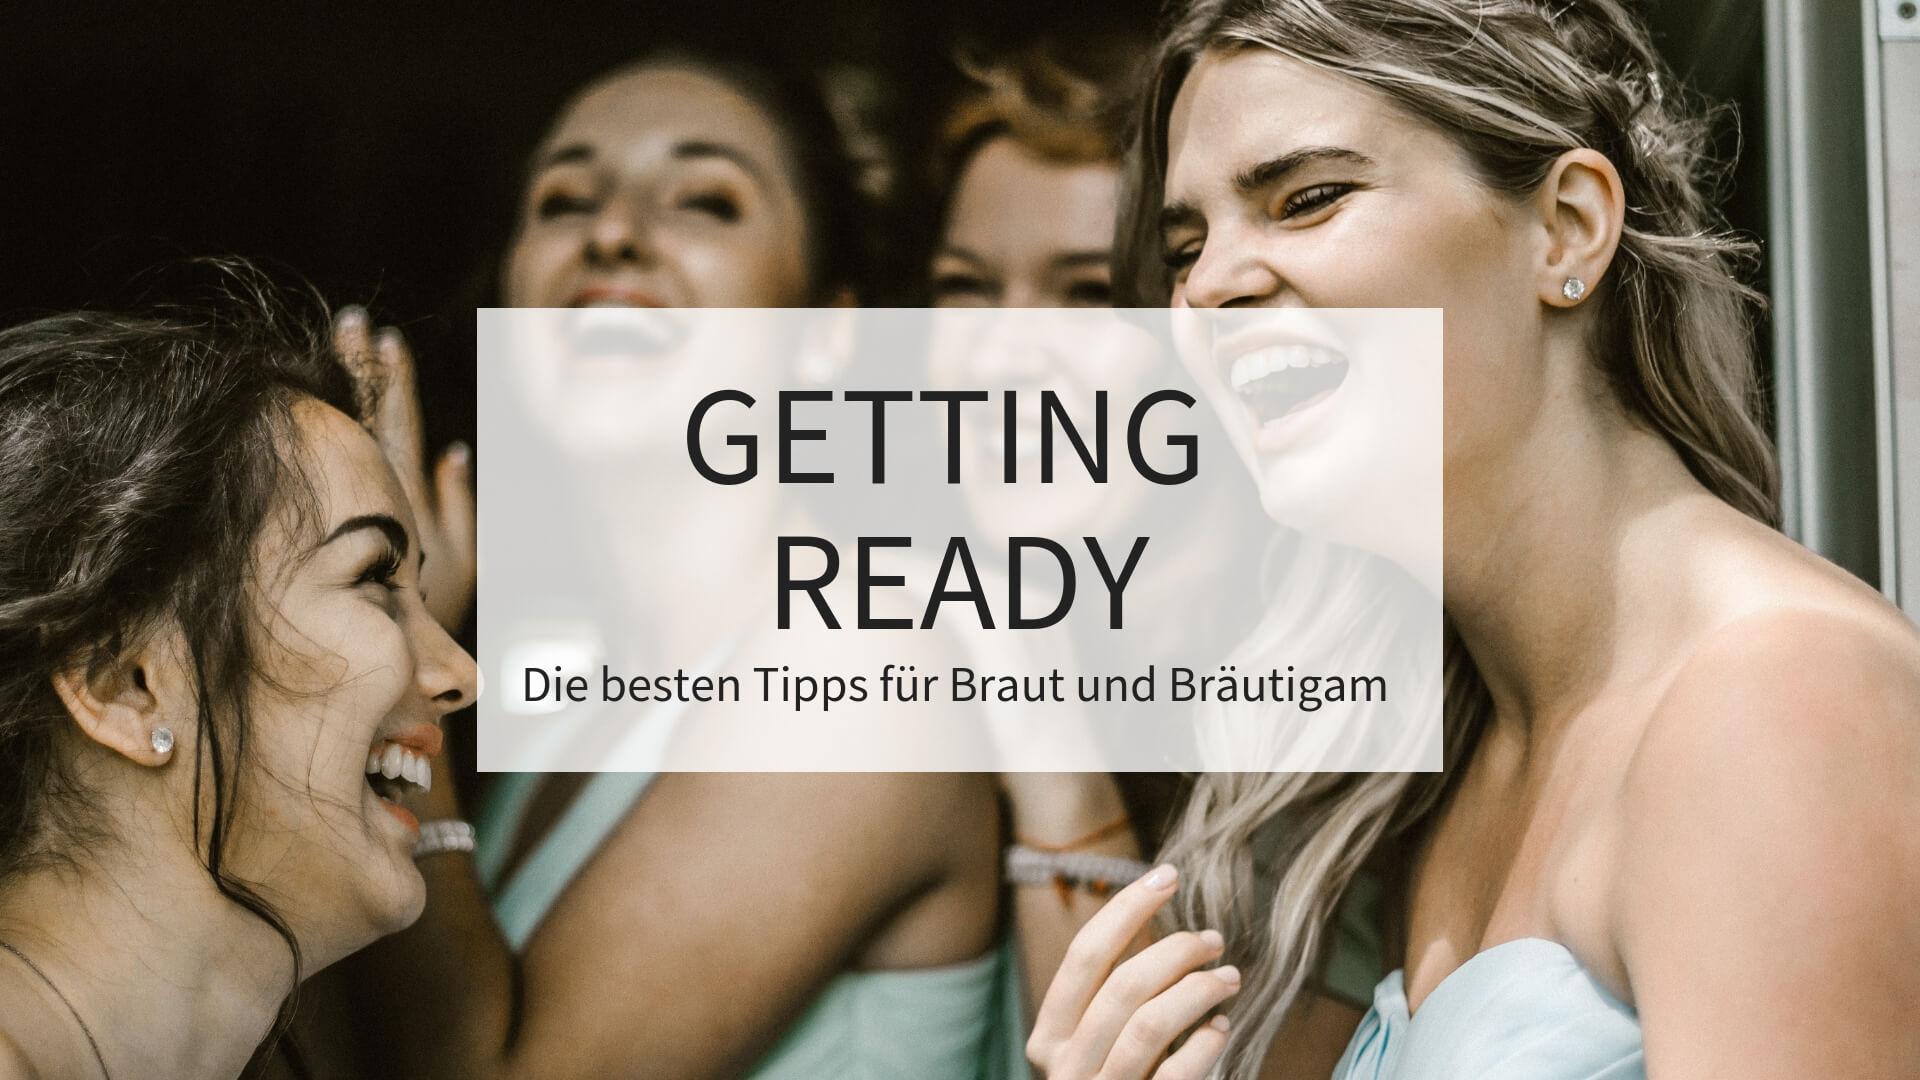 getting ready braut, getting ready bräutigam, tipps getting ready, morgen der hochzeit